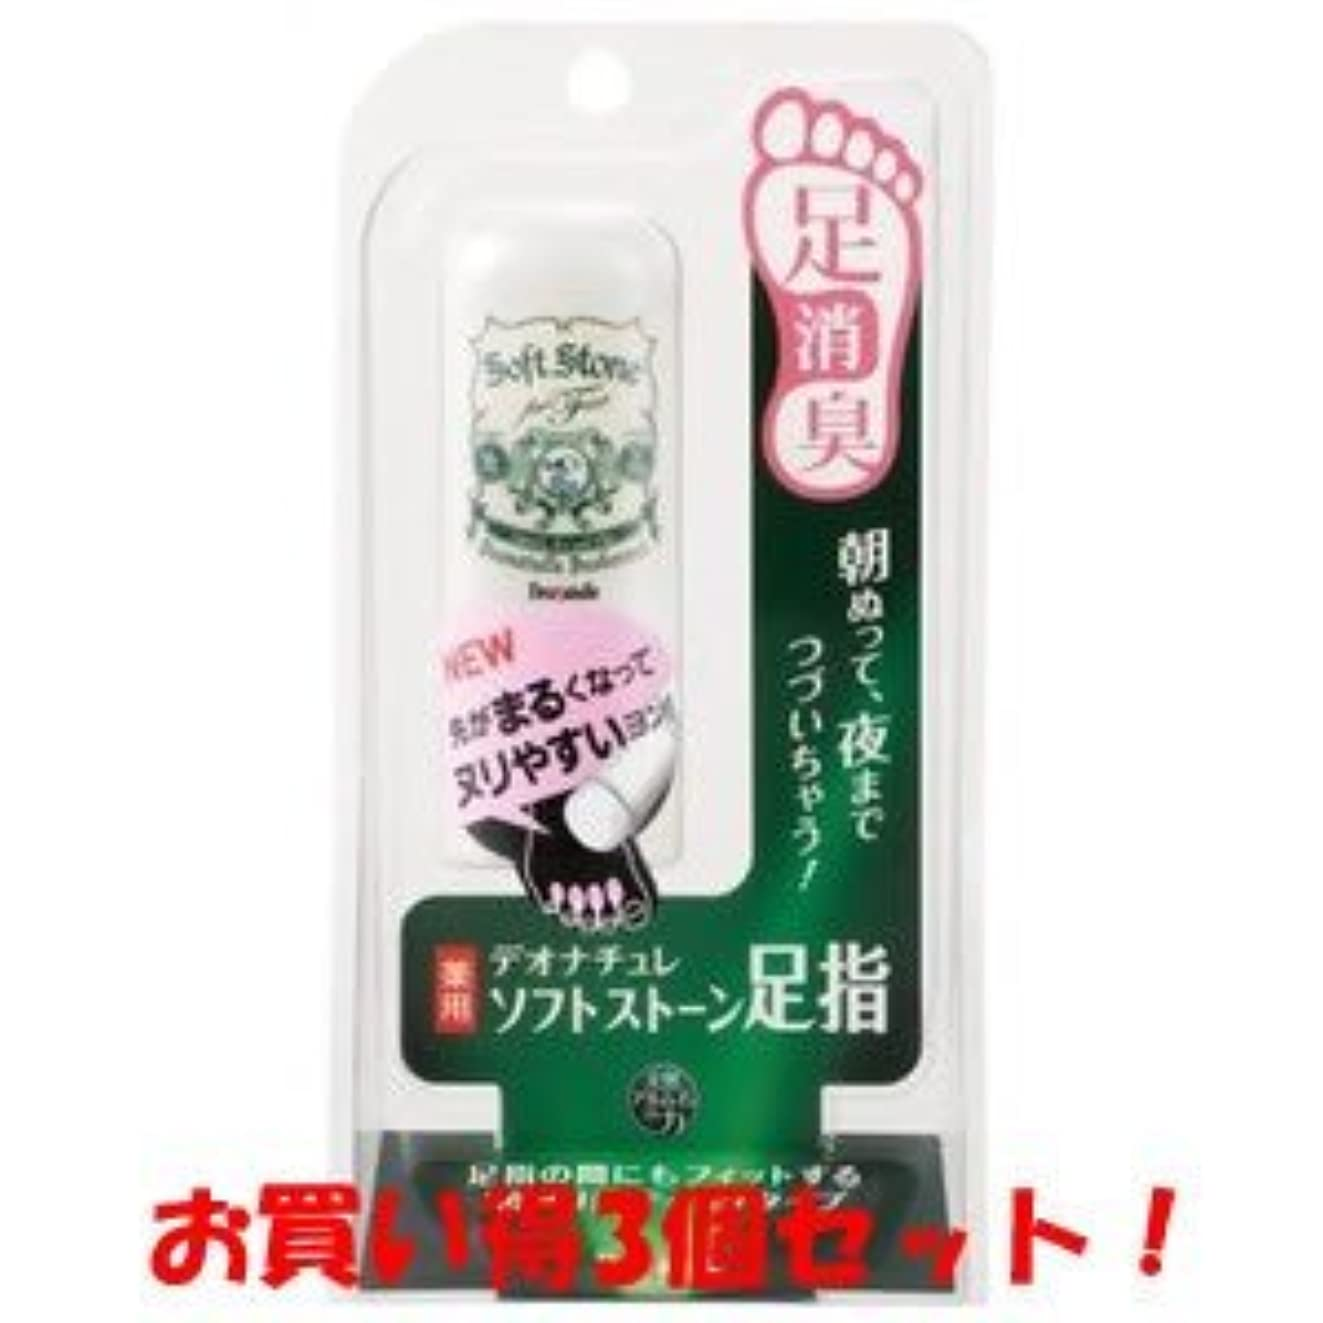 組空損なうデオナチュレ ソフトストーン足指 7g(医薬部外品)(お買い得3個セット)